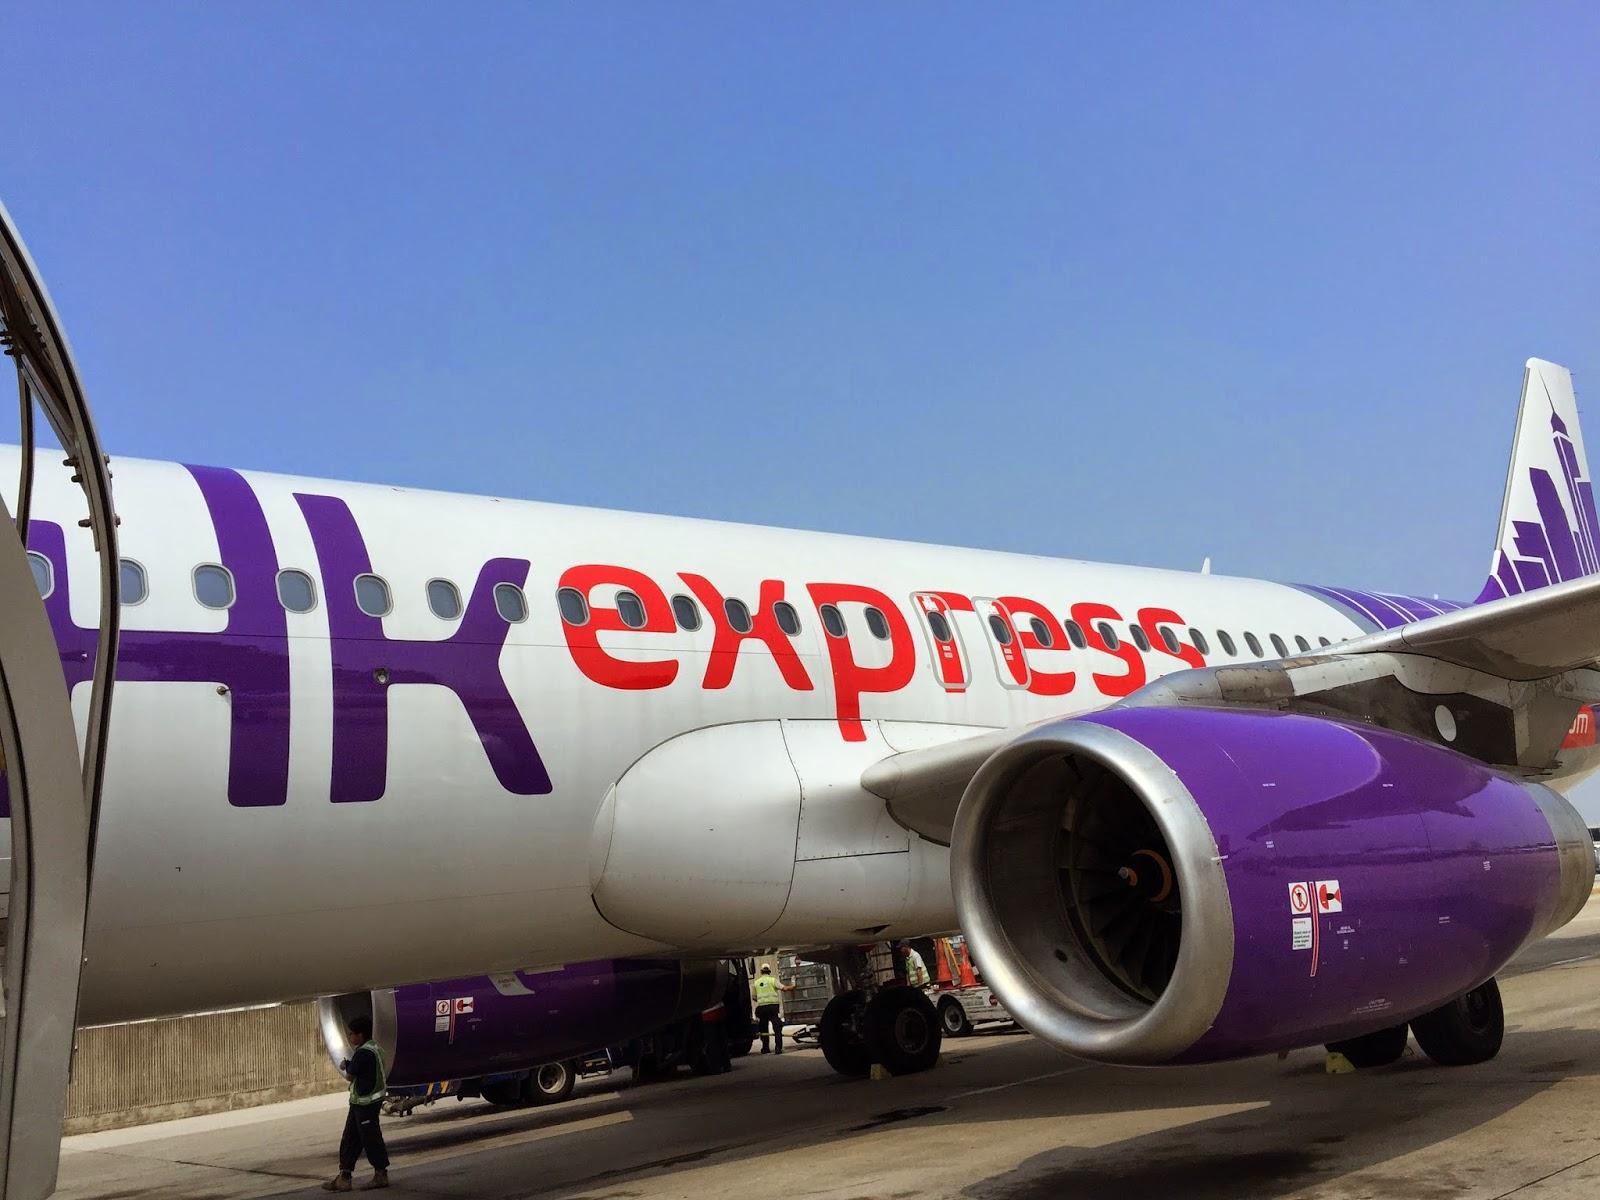 【日本】高性價比廉航 HK EXPRESS 初體驗 - Work Hard! Travel Hard!